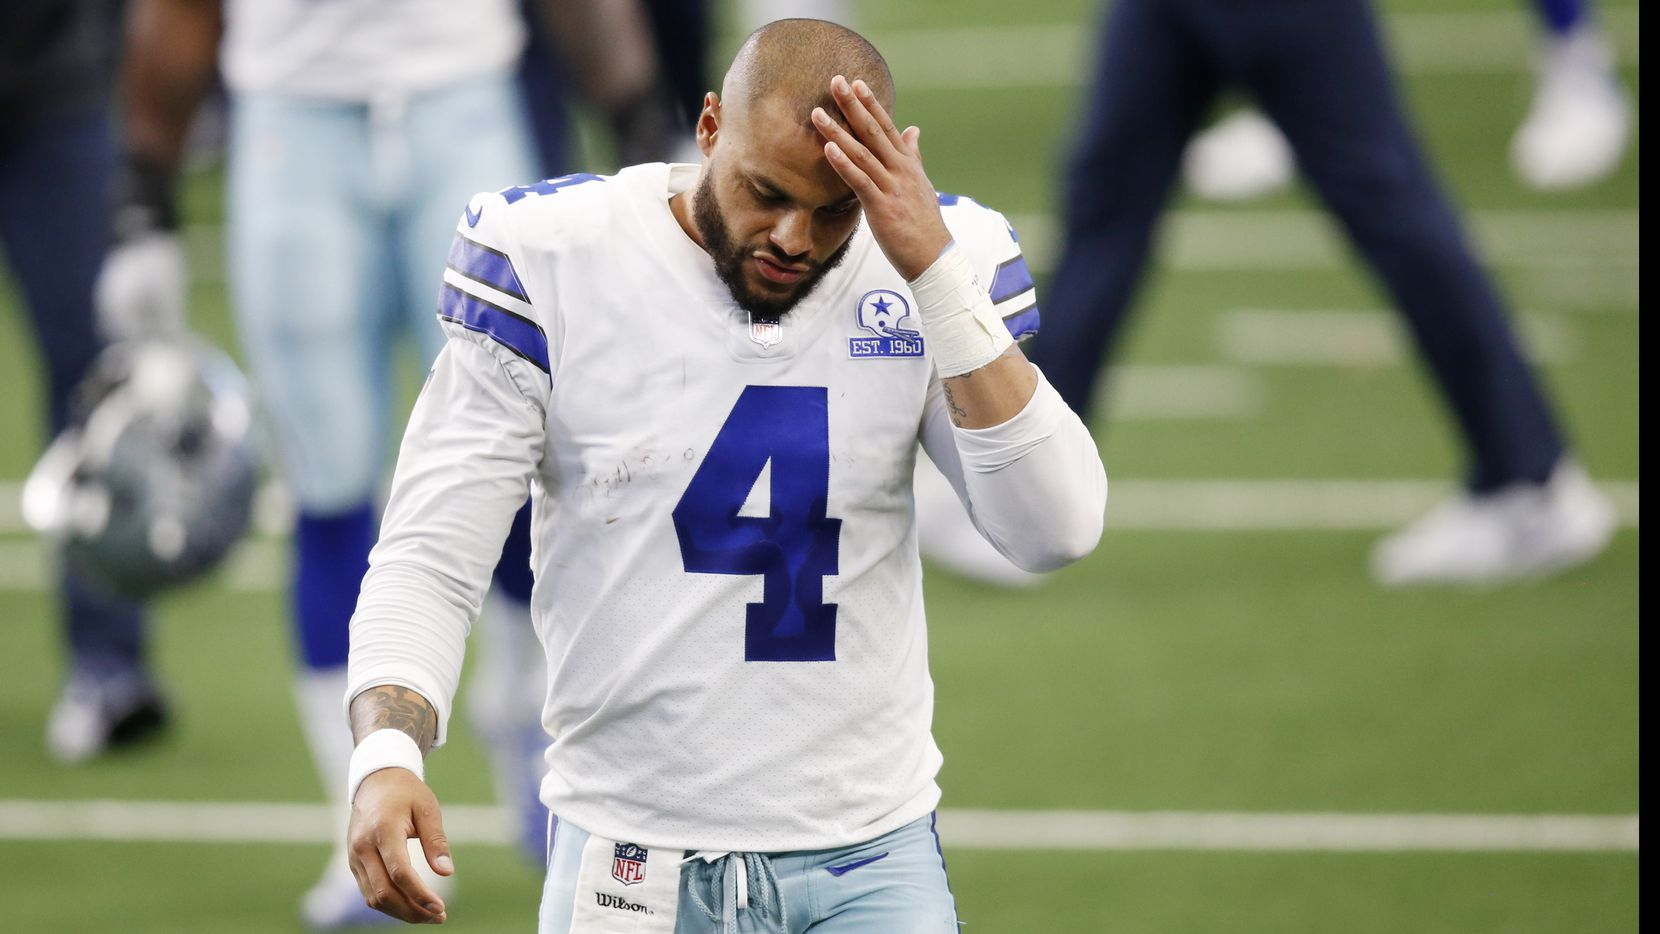 El mariscal de lo Dallas Cowboys, Dak Prescott, ha hecho un gran trabajo fuera del campo de juego para hablar sobre la ansiedad y depresión que afecta a millones de estadounidenses.